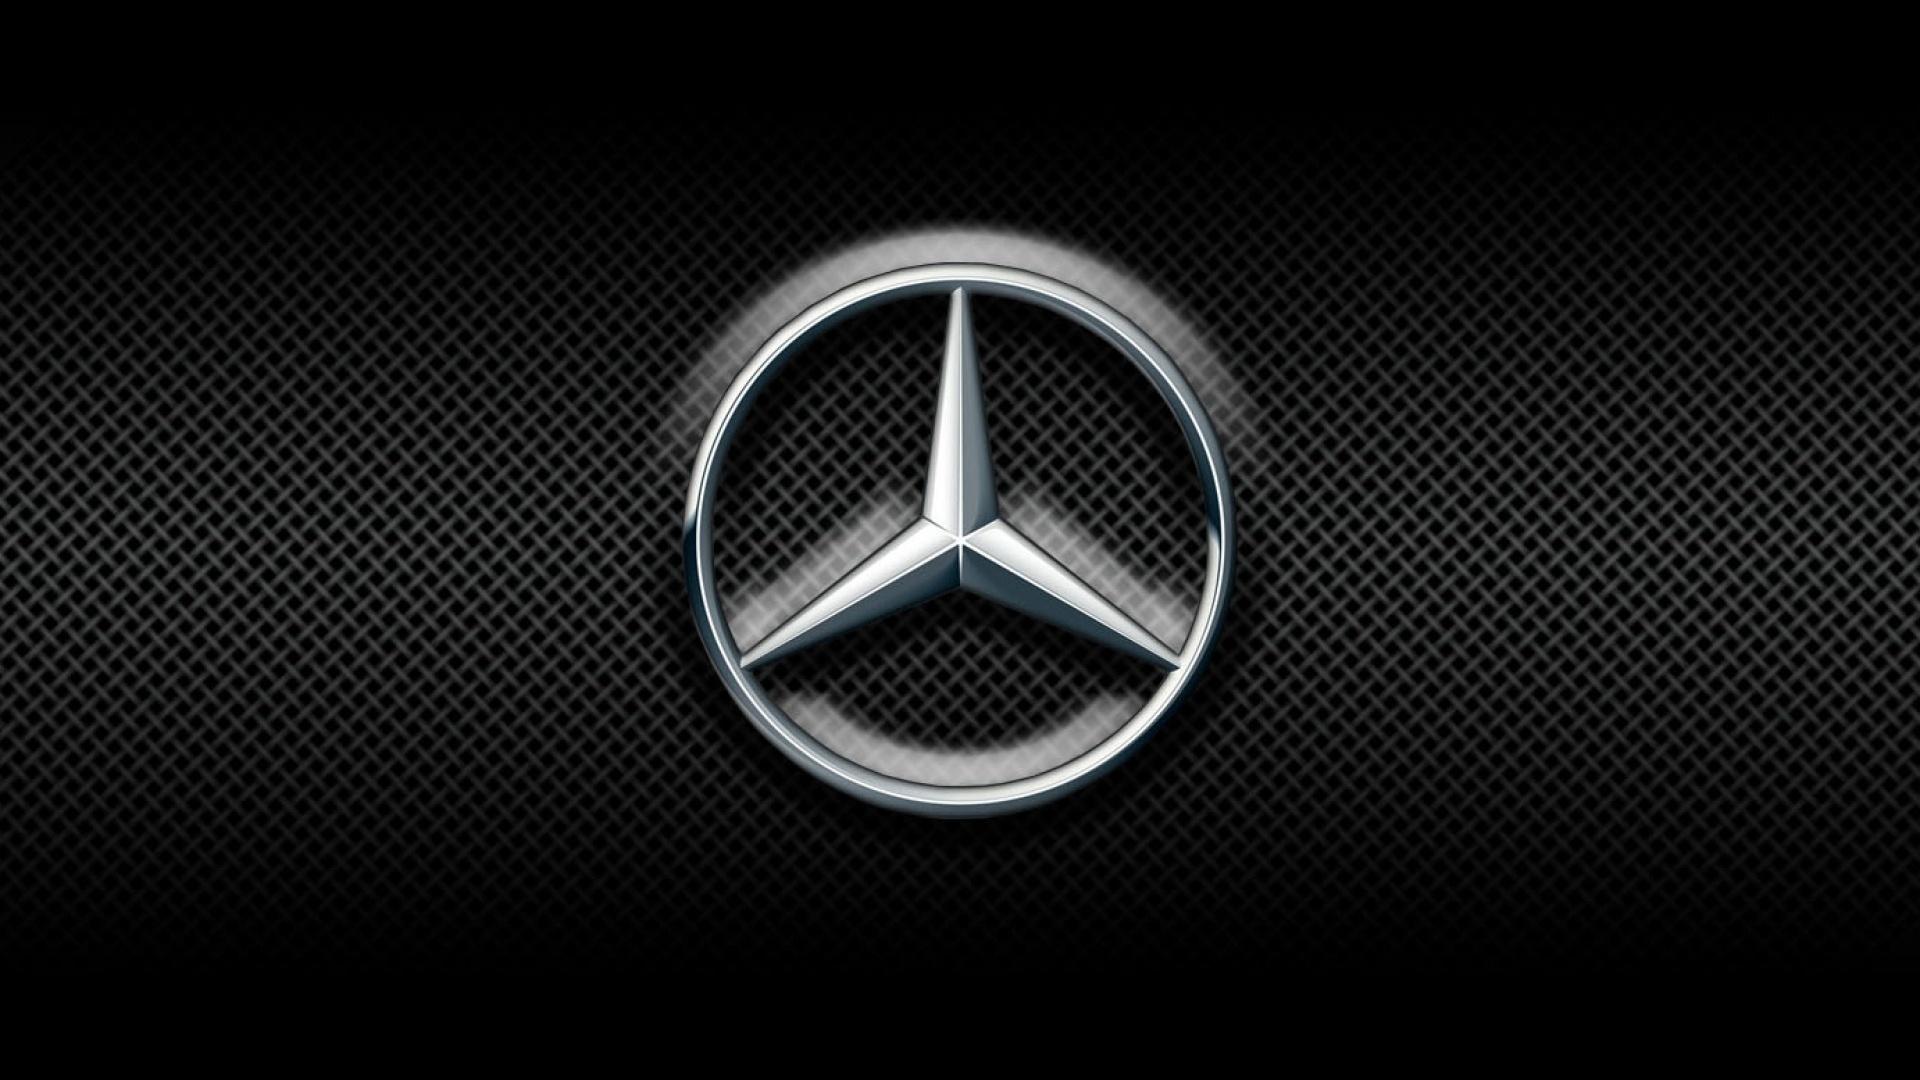 1920x1080 Brands Mercedes Benz Mercedes Benz Backgrounds 1920x1080